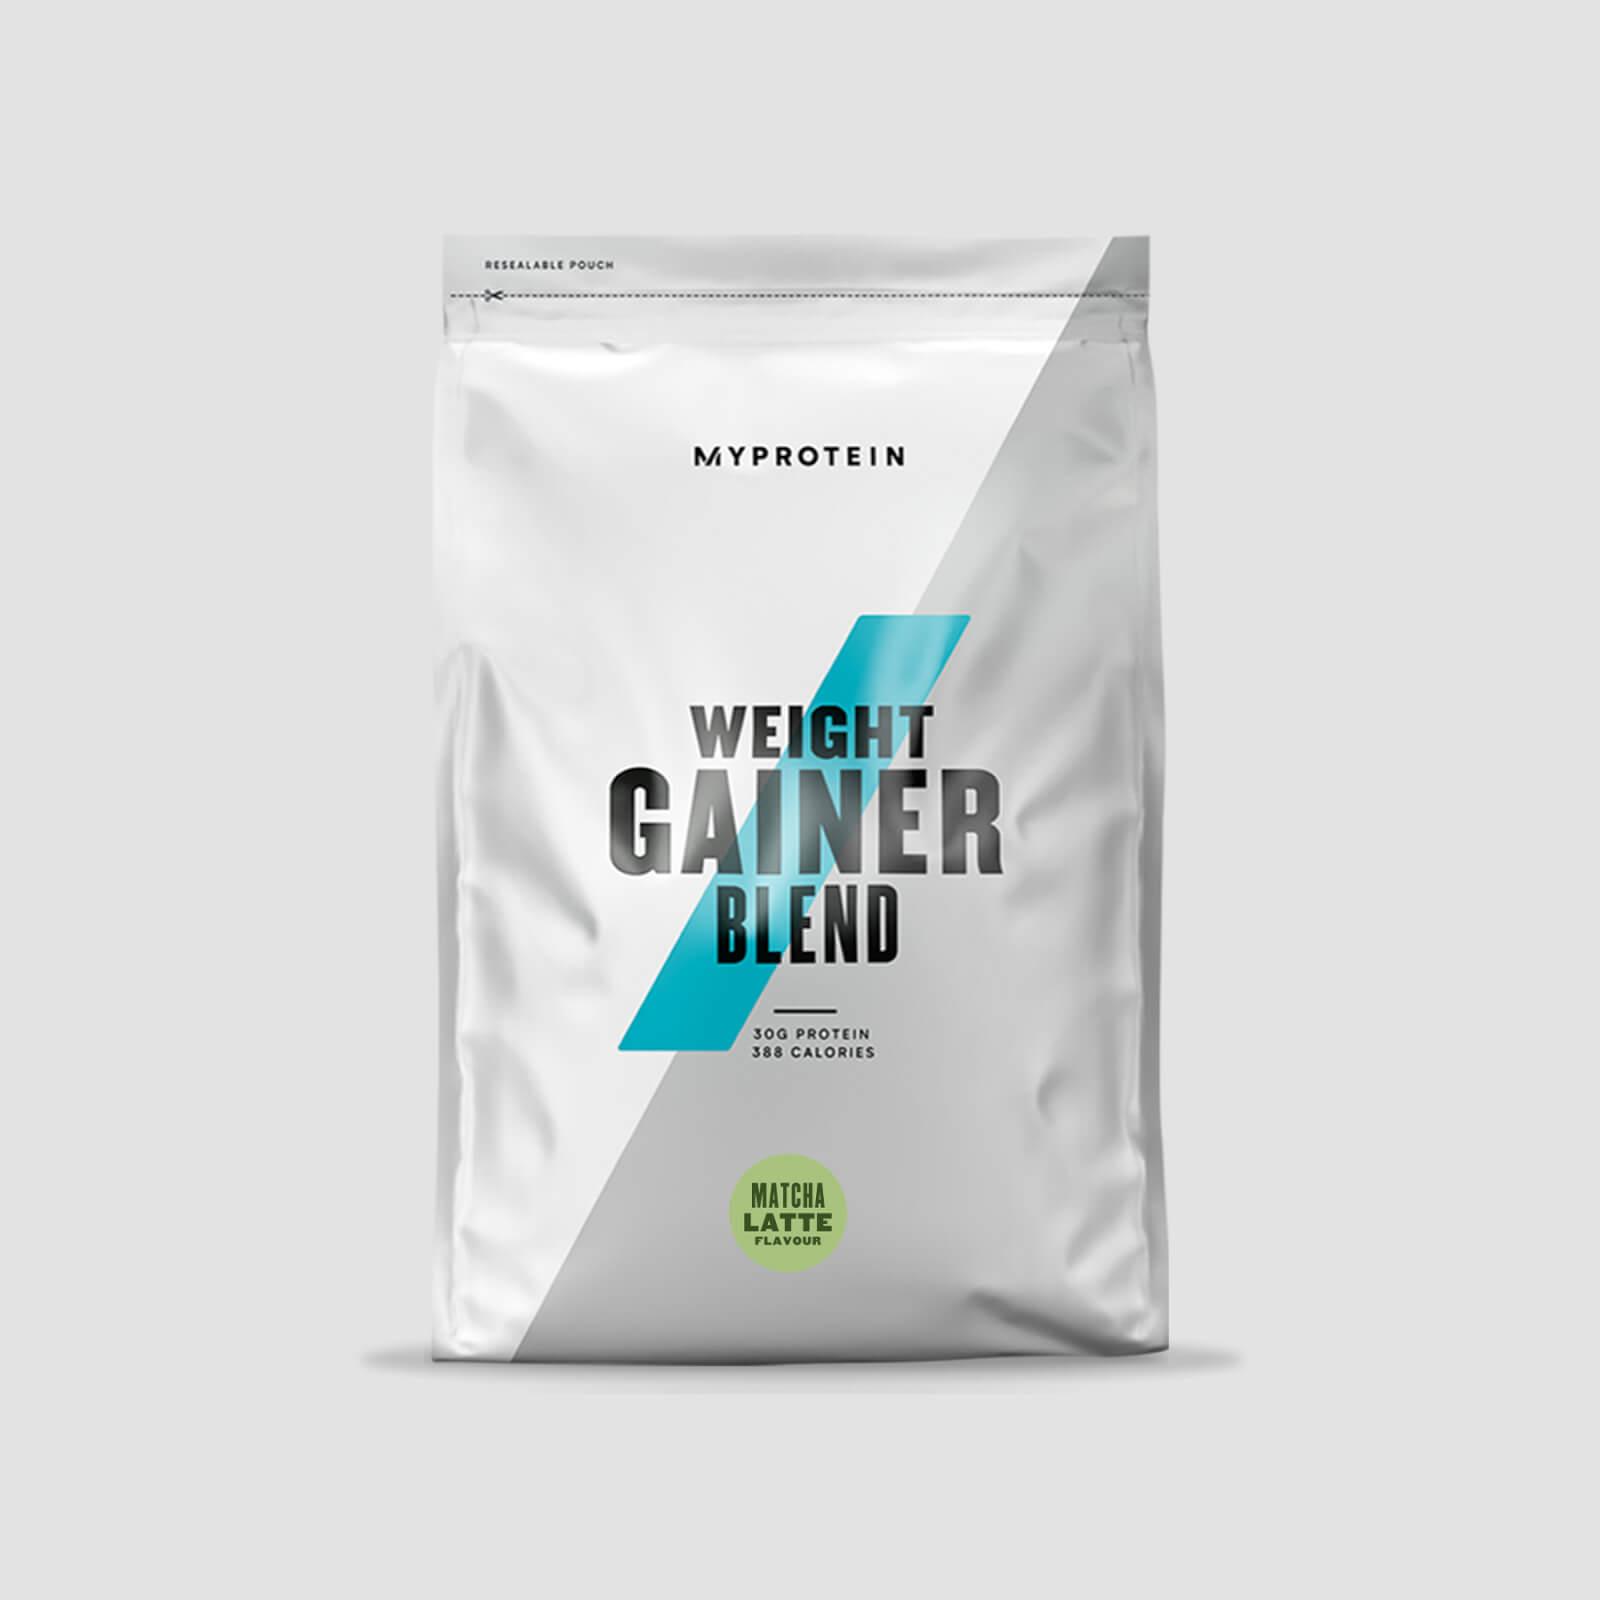 Myprotein Weight Gainer Blend - 5kg - Matcha Latte